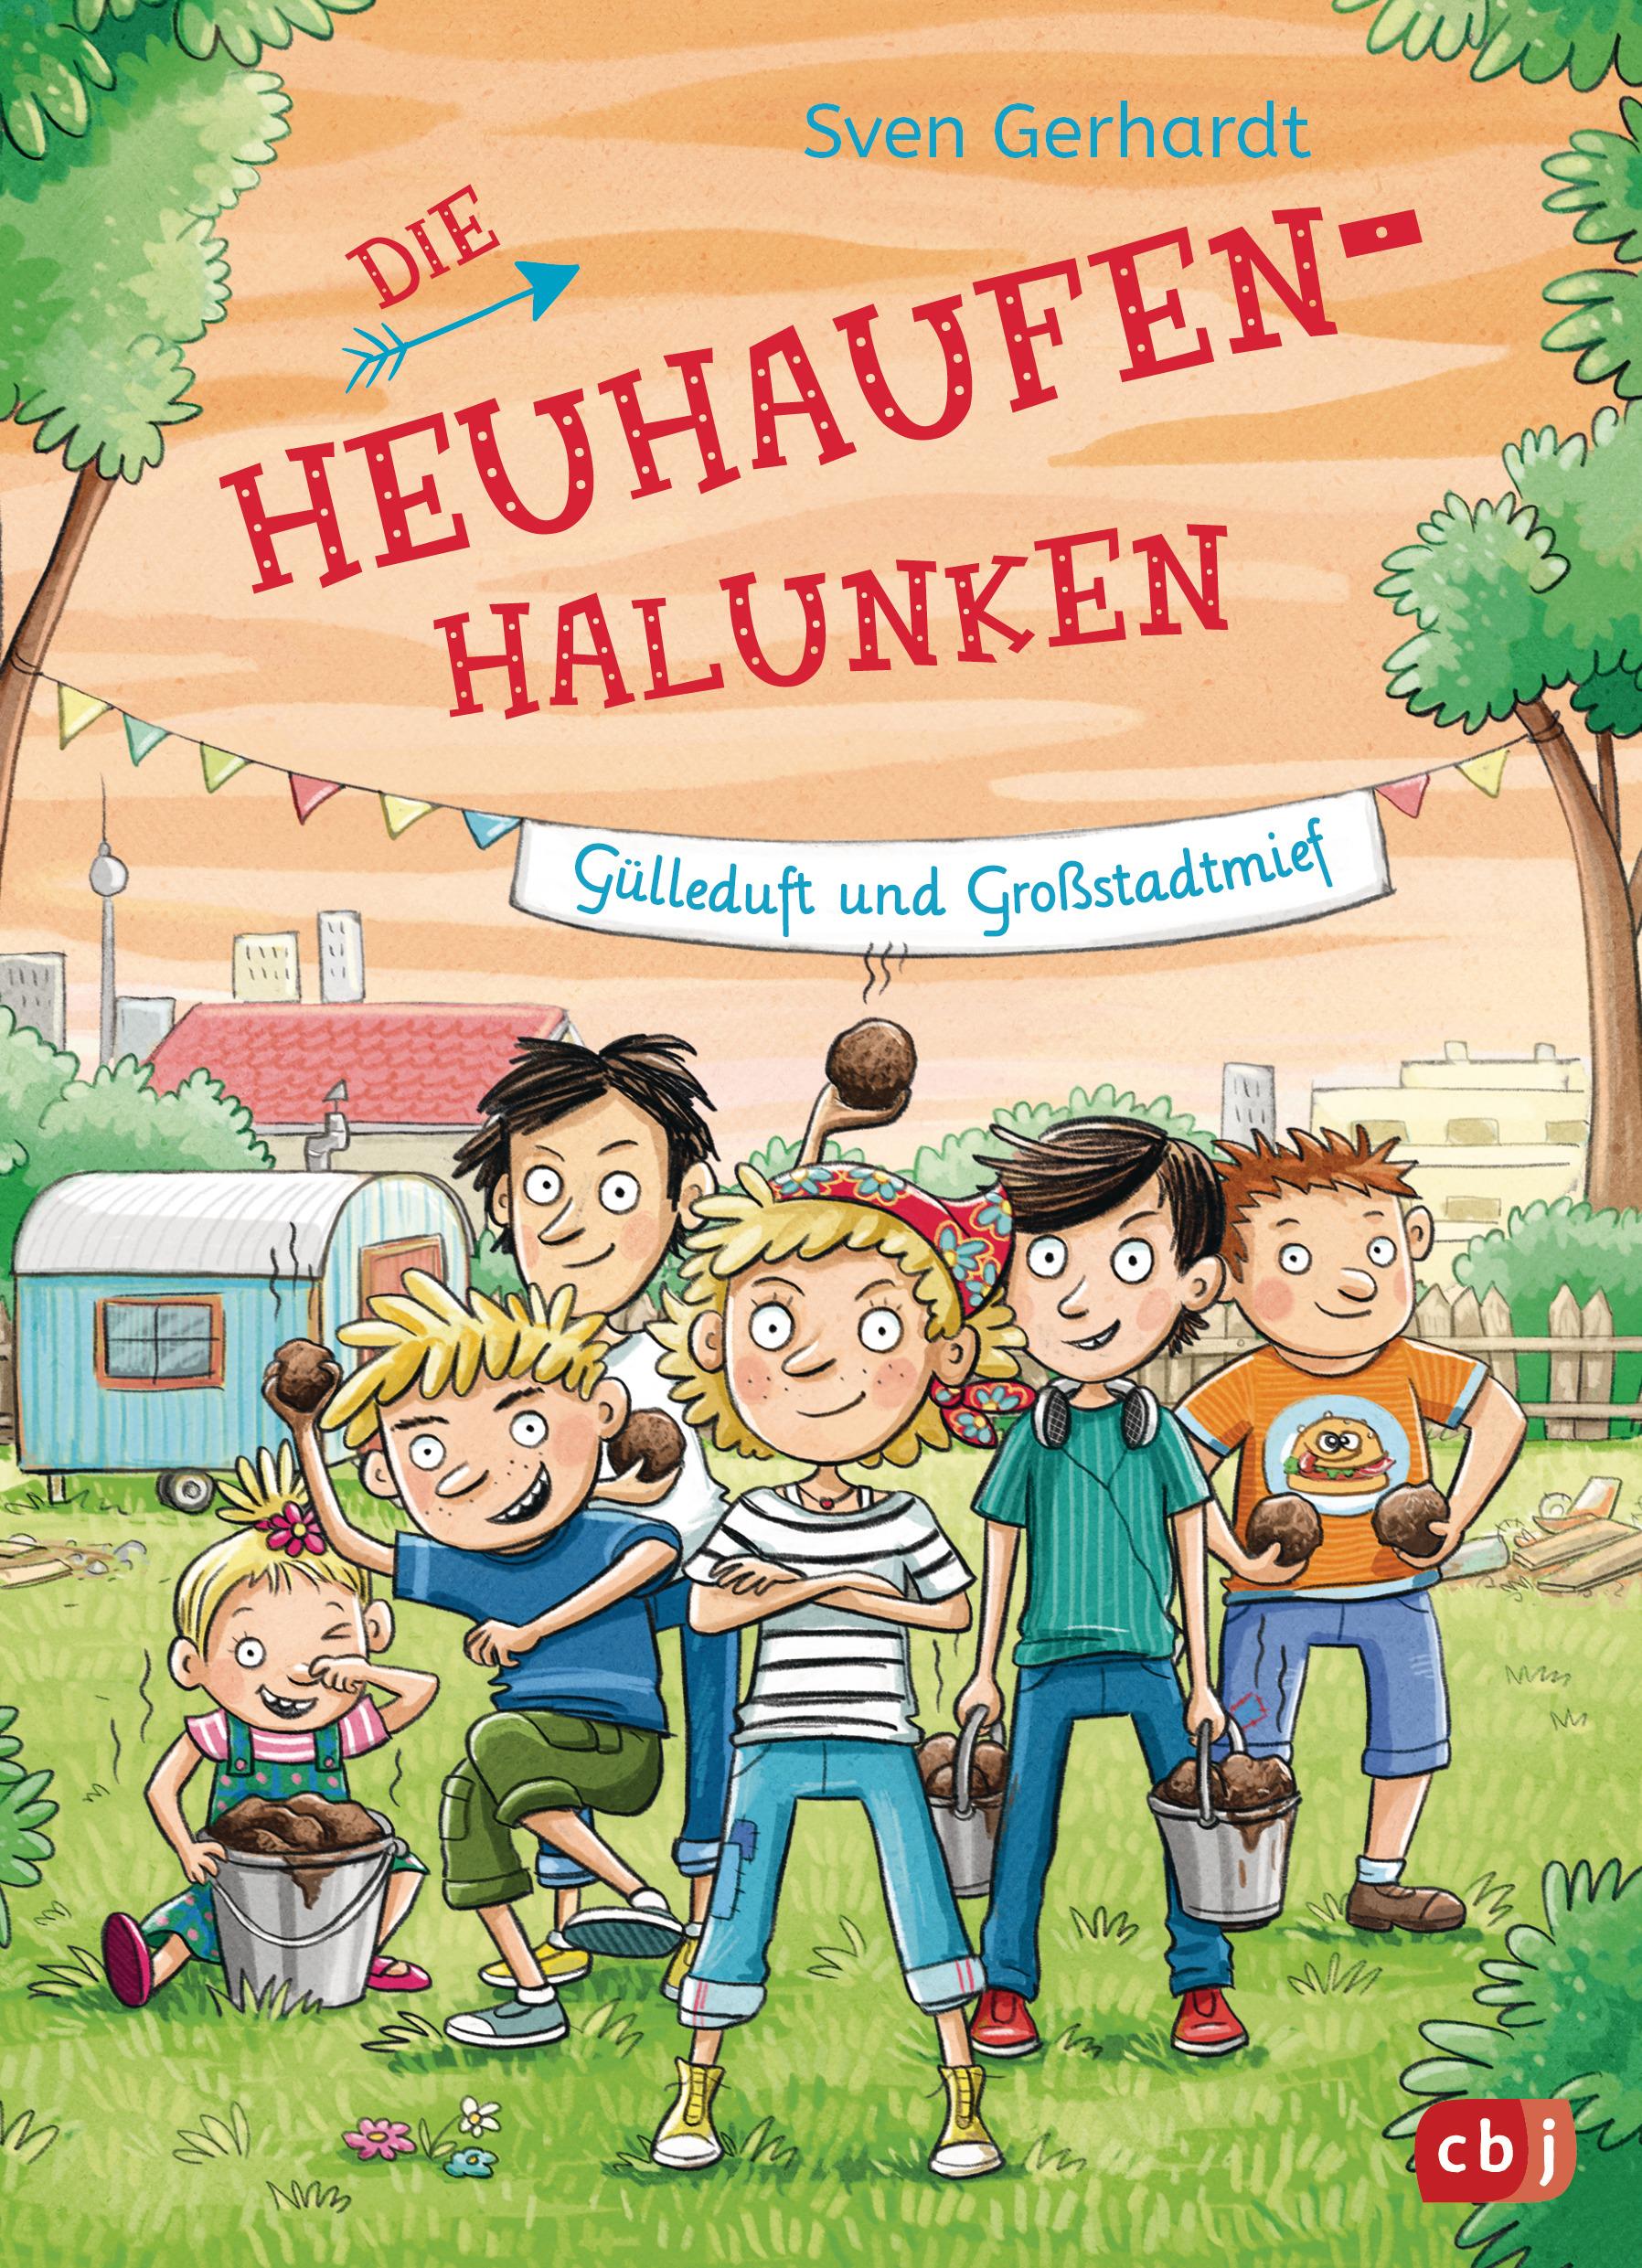 Gerhardt_SHeuhaufen-Halunken_03_183625.jpg